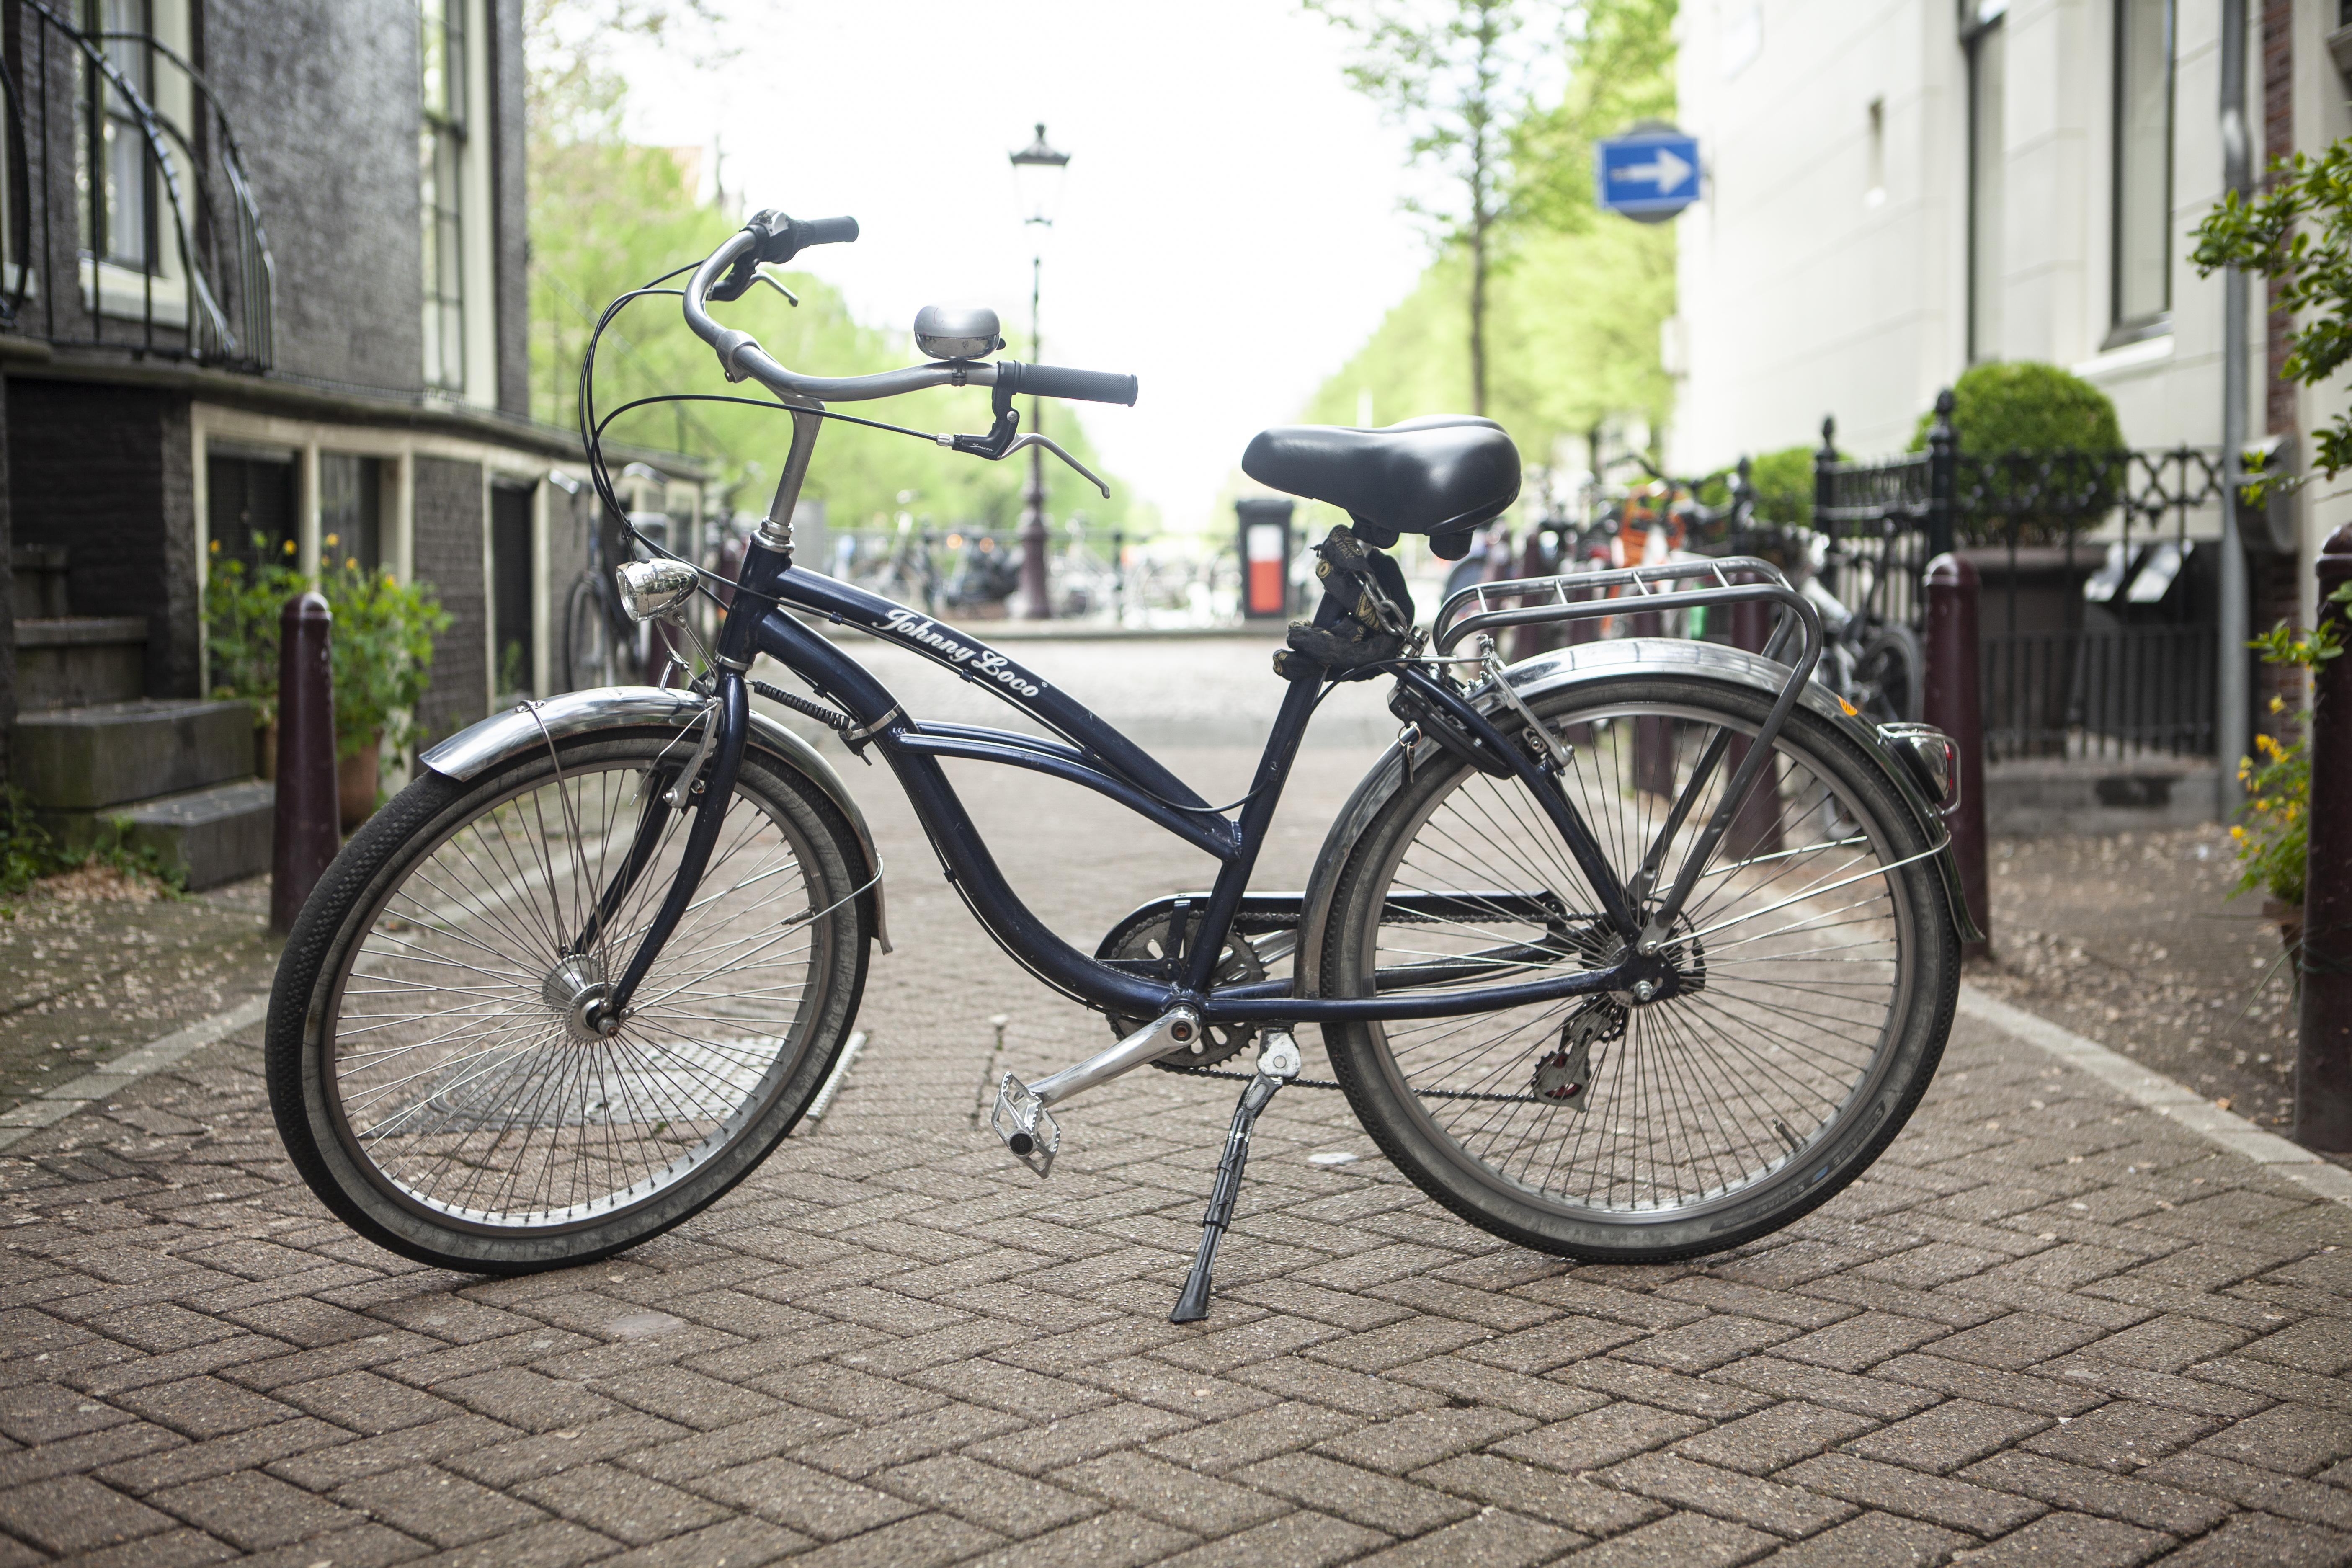 Frederic rent a bike_22.jpg